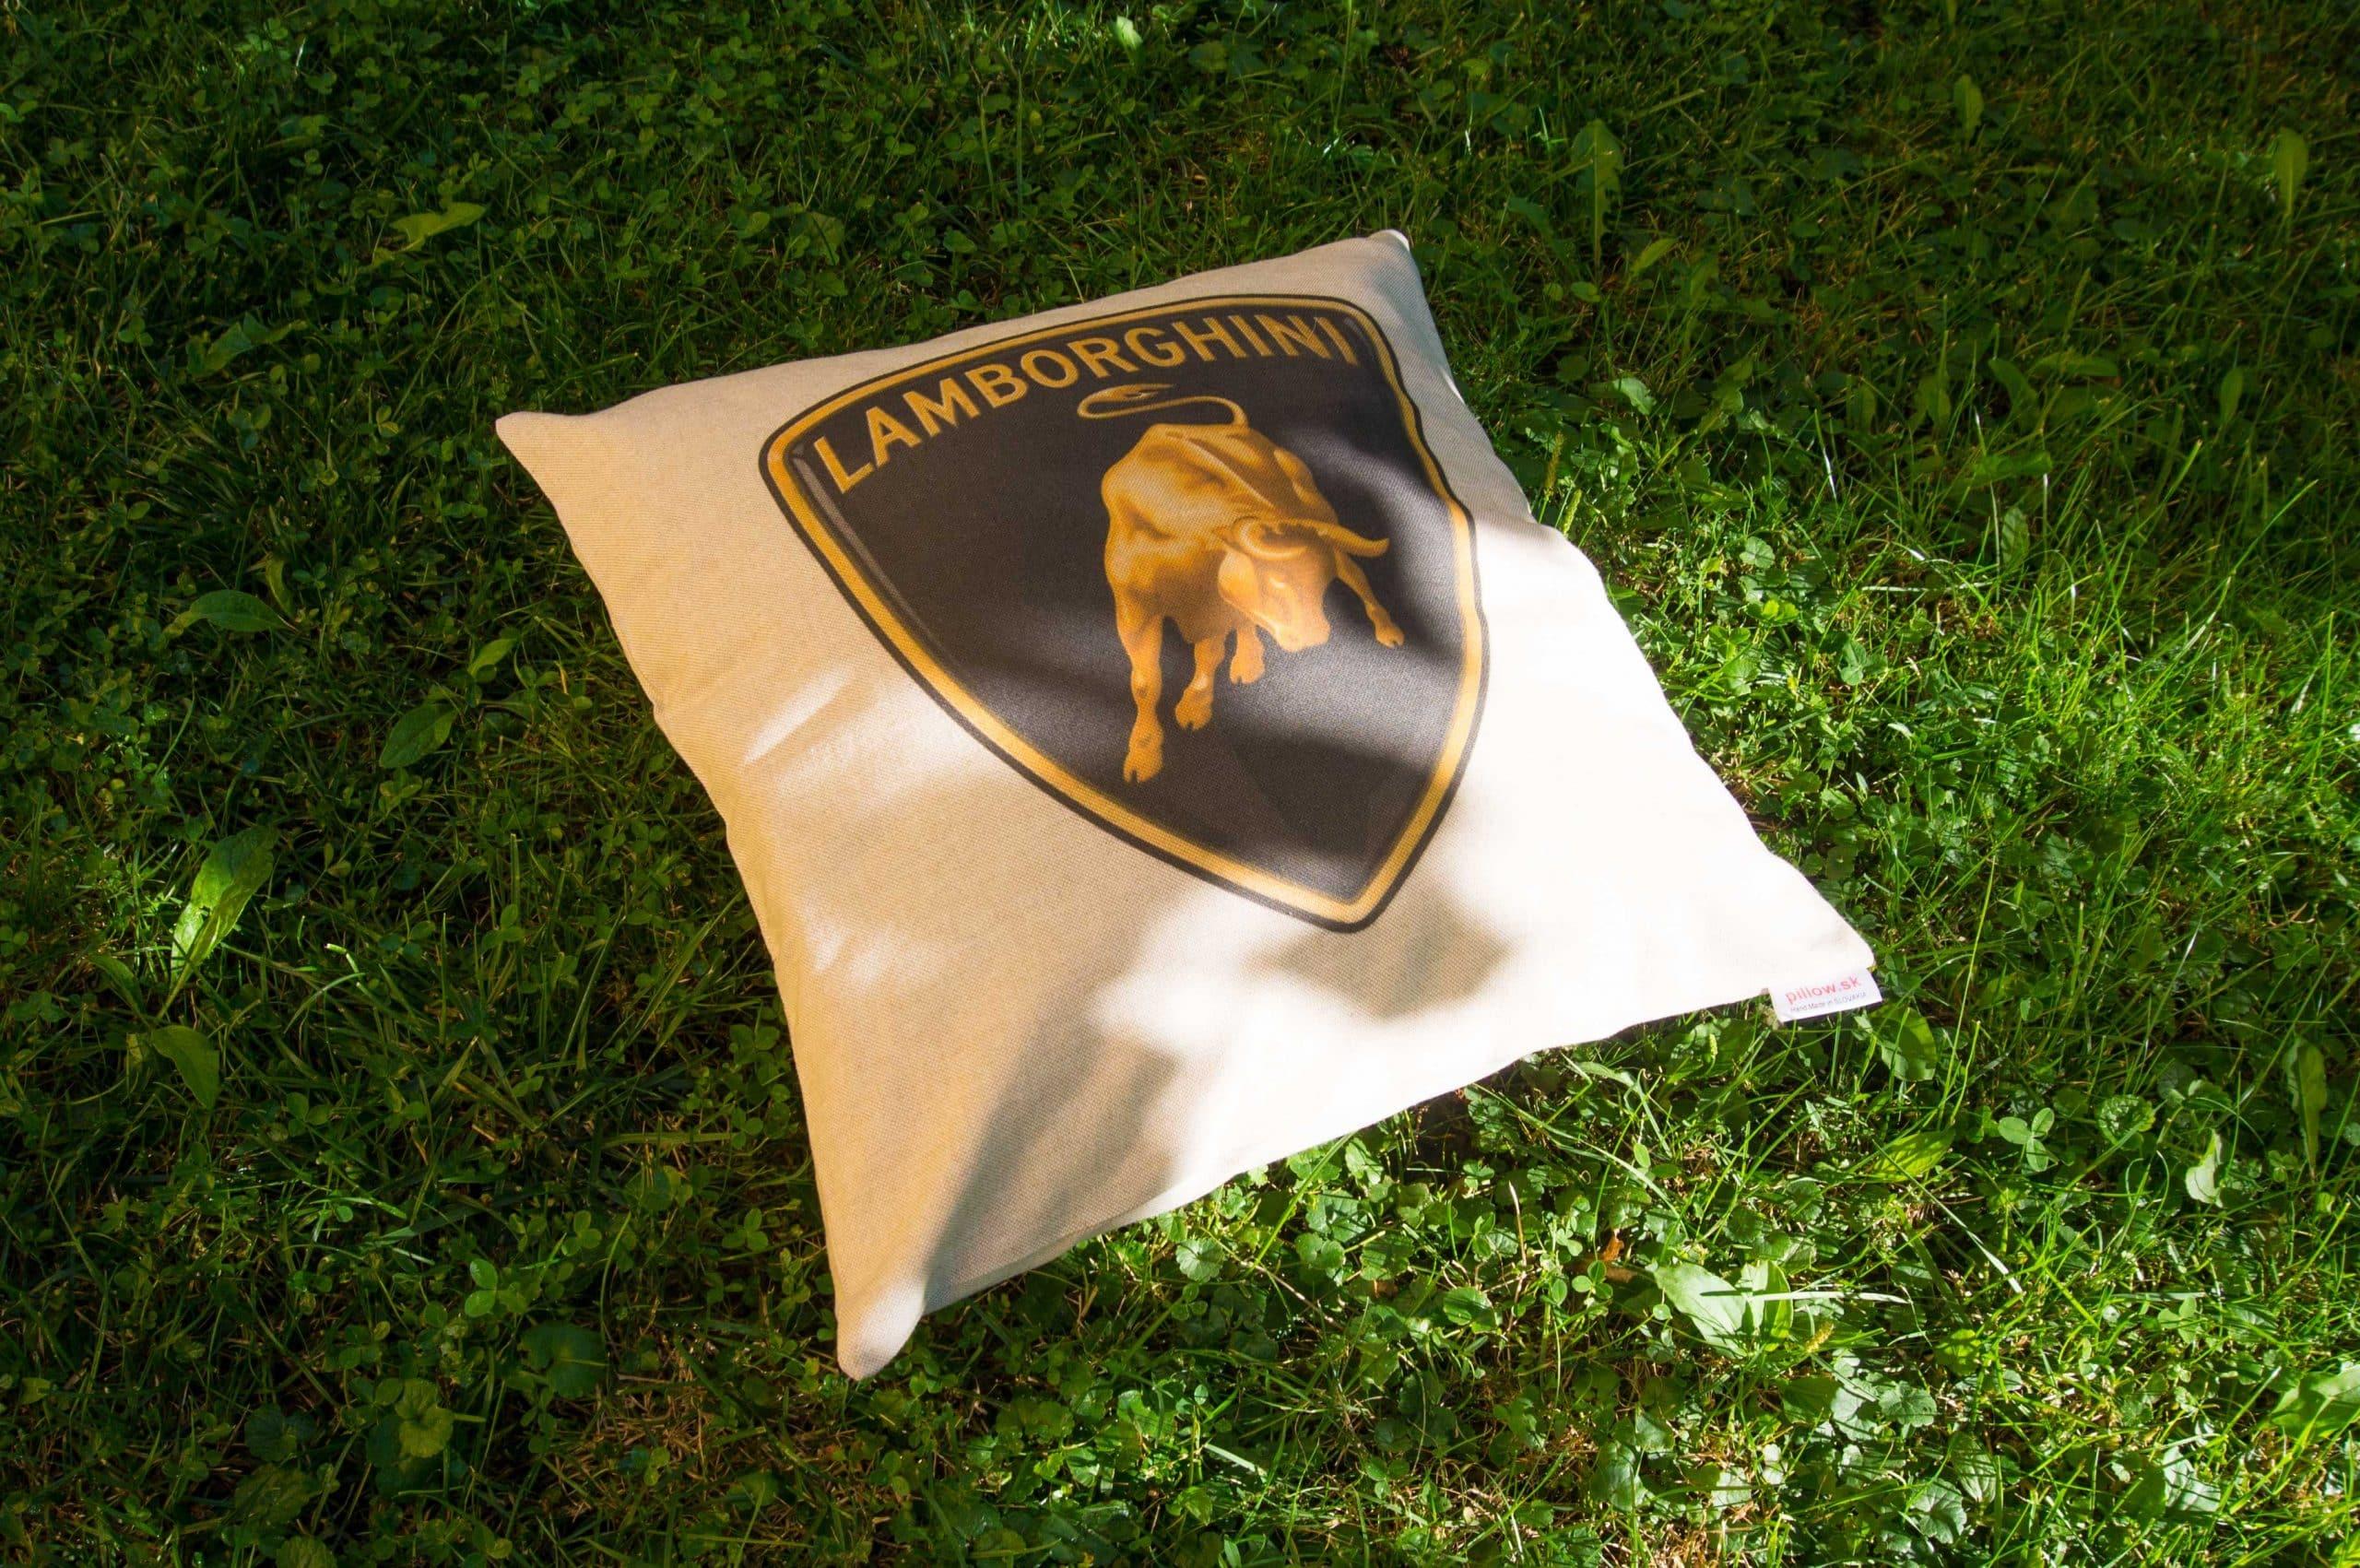 Vankúš s automobilovým logom Lamborghini